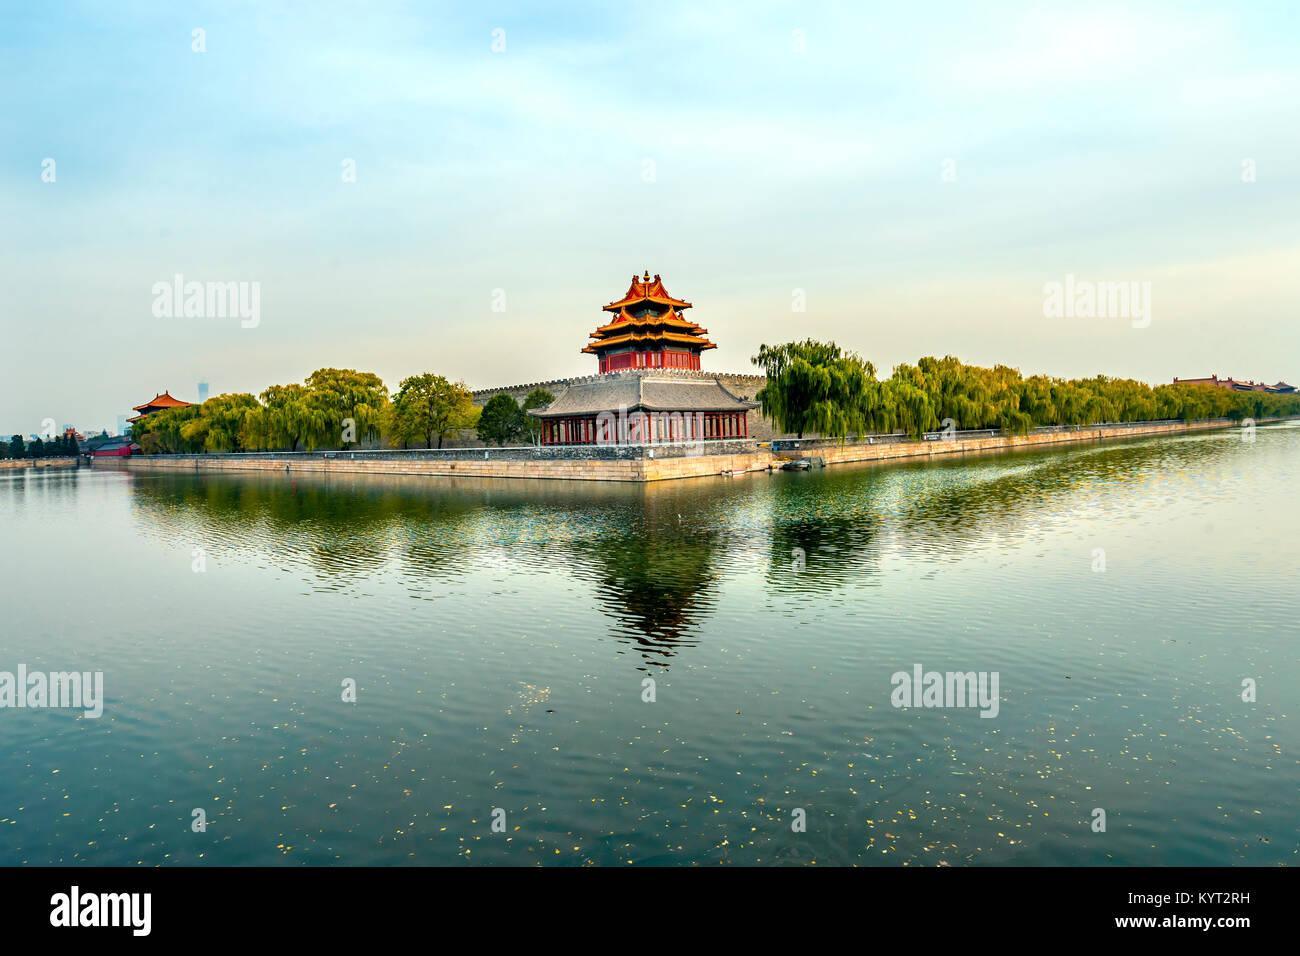 Pfeil Watch Tower Gugong Verbotene Stadt Graben Canal Plaace Mauer Peking Chinas Kaiser Palast in den 1600er Jahren Stockbild